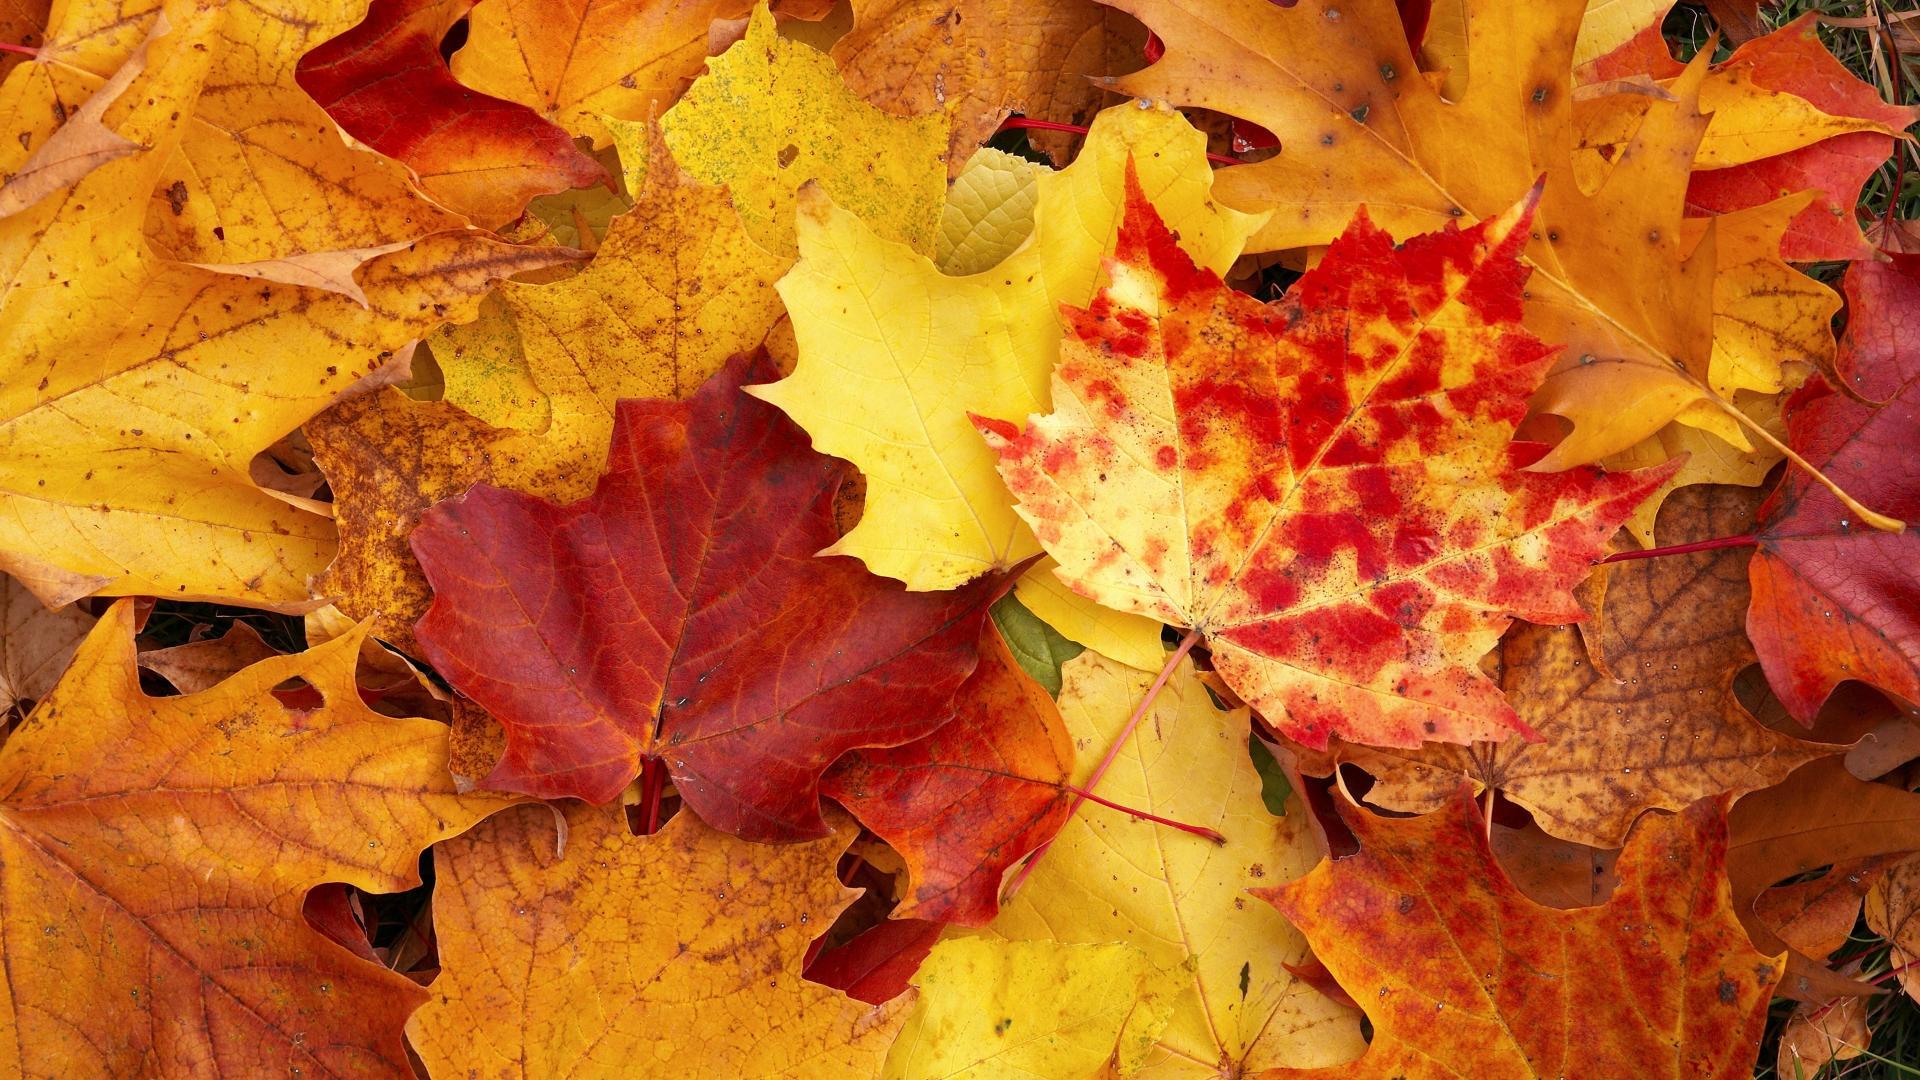 Gli eventi ad ottobre al porto antico di genova for Immagini autunno hd